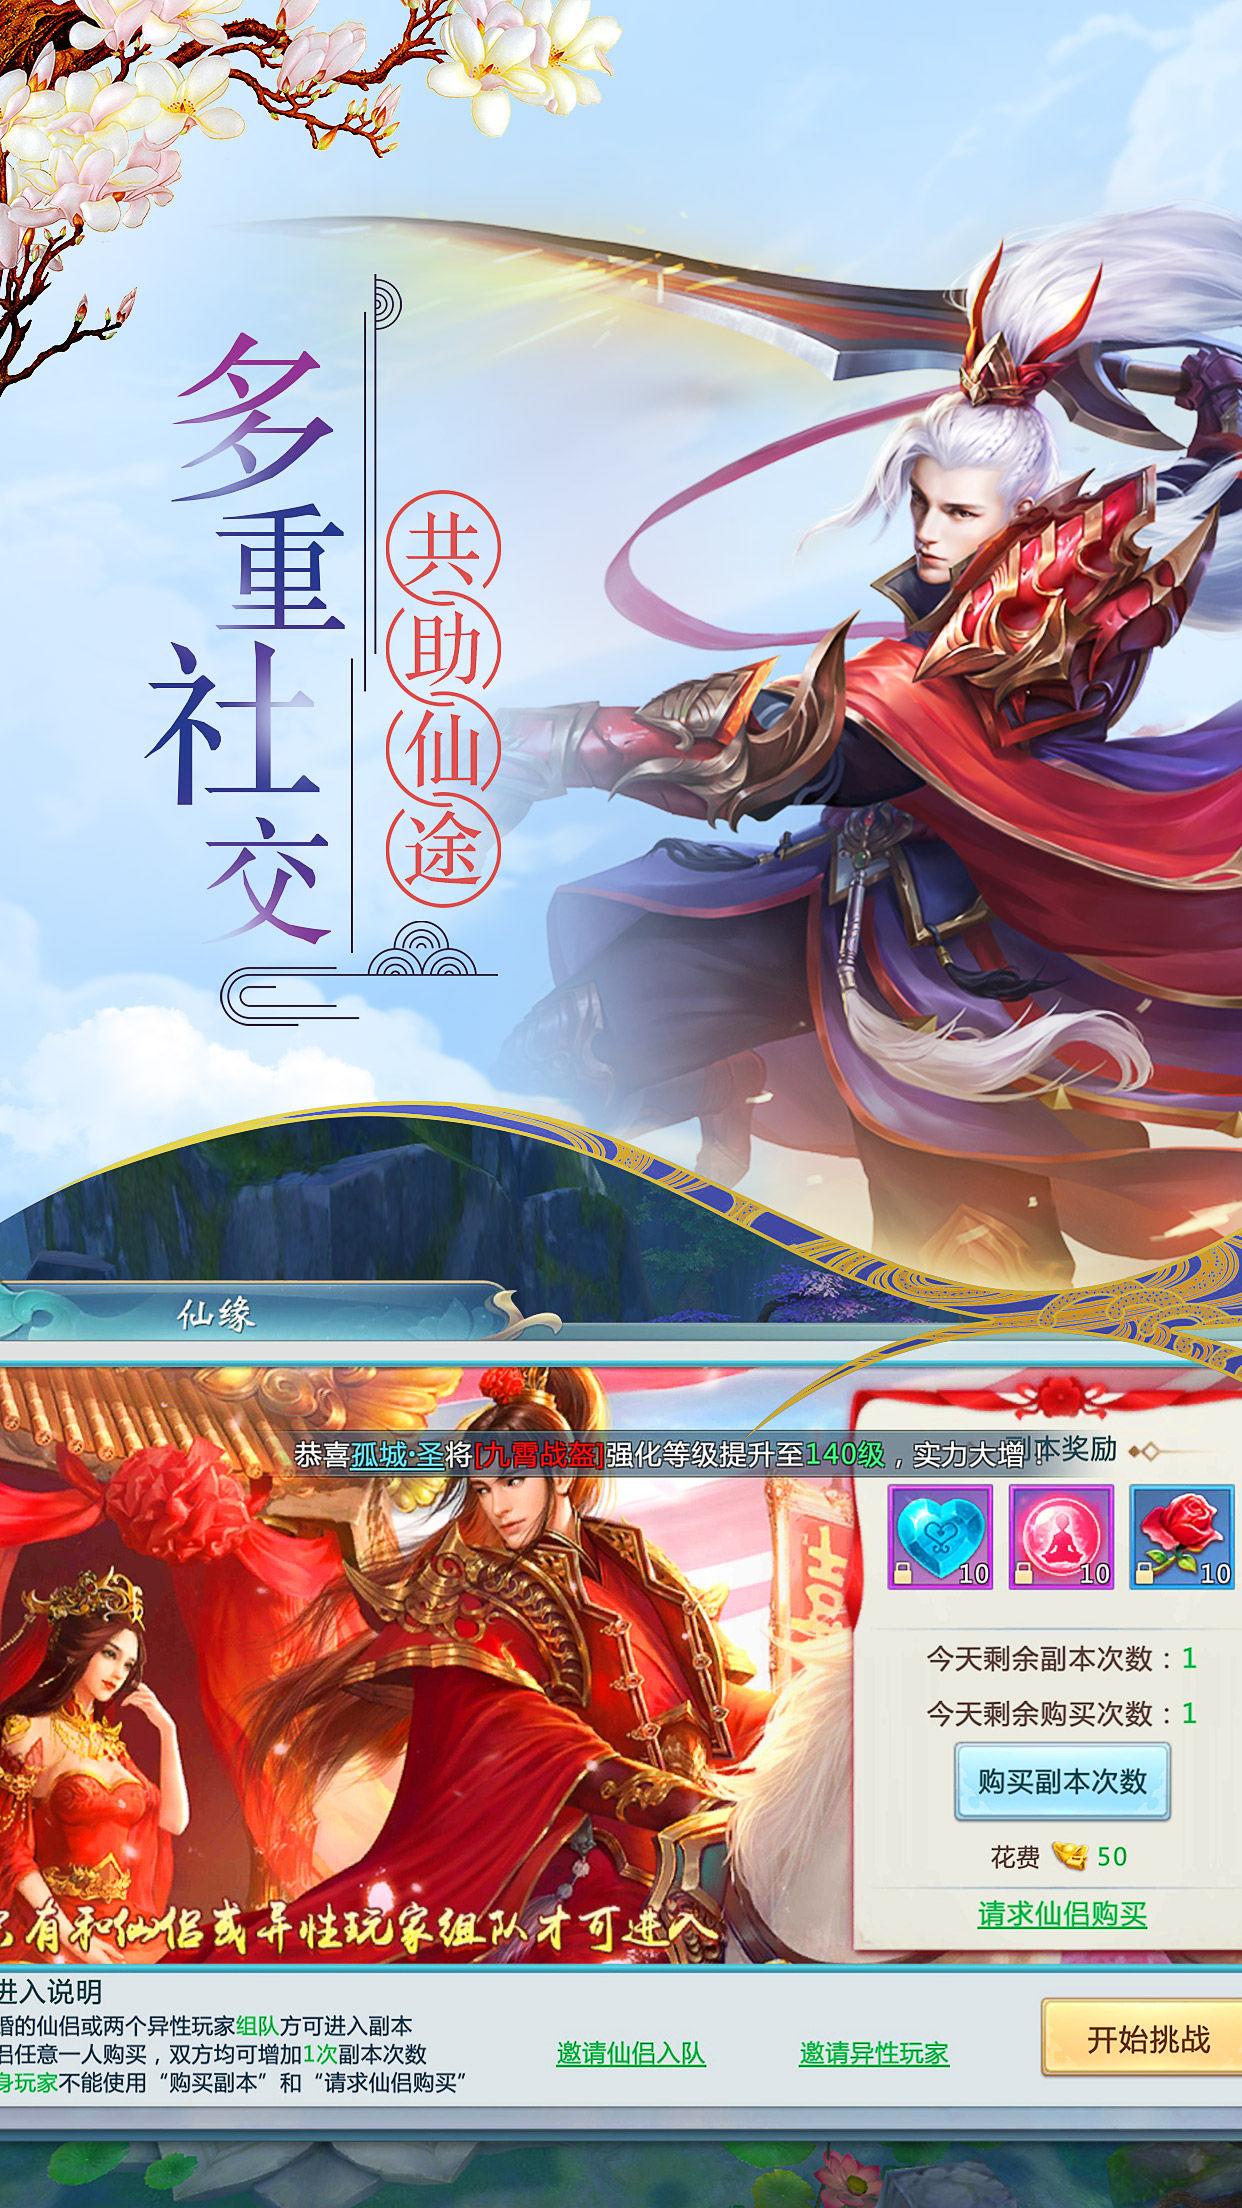 剑侠逍遥 V4.0.0 折扣版